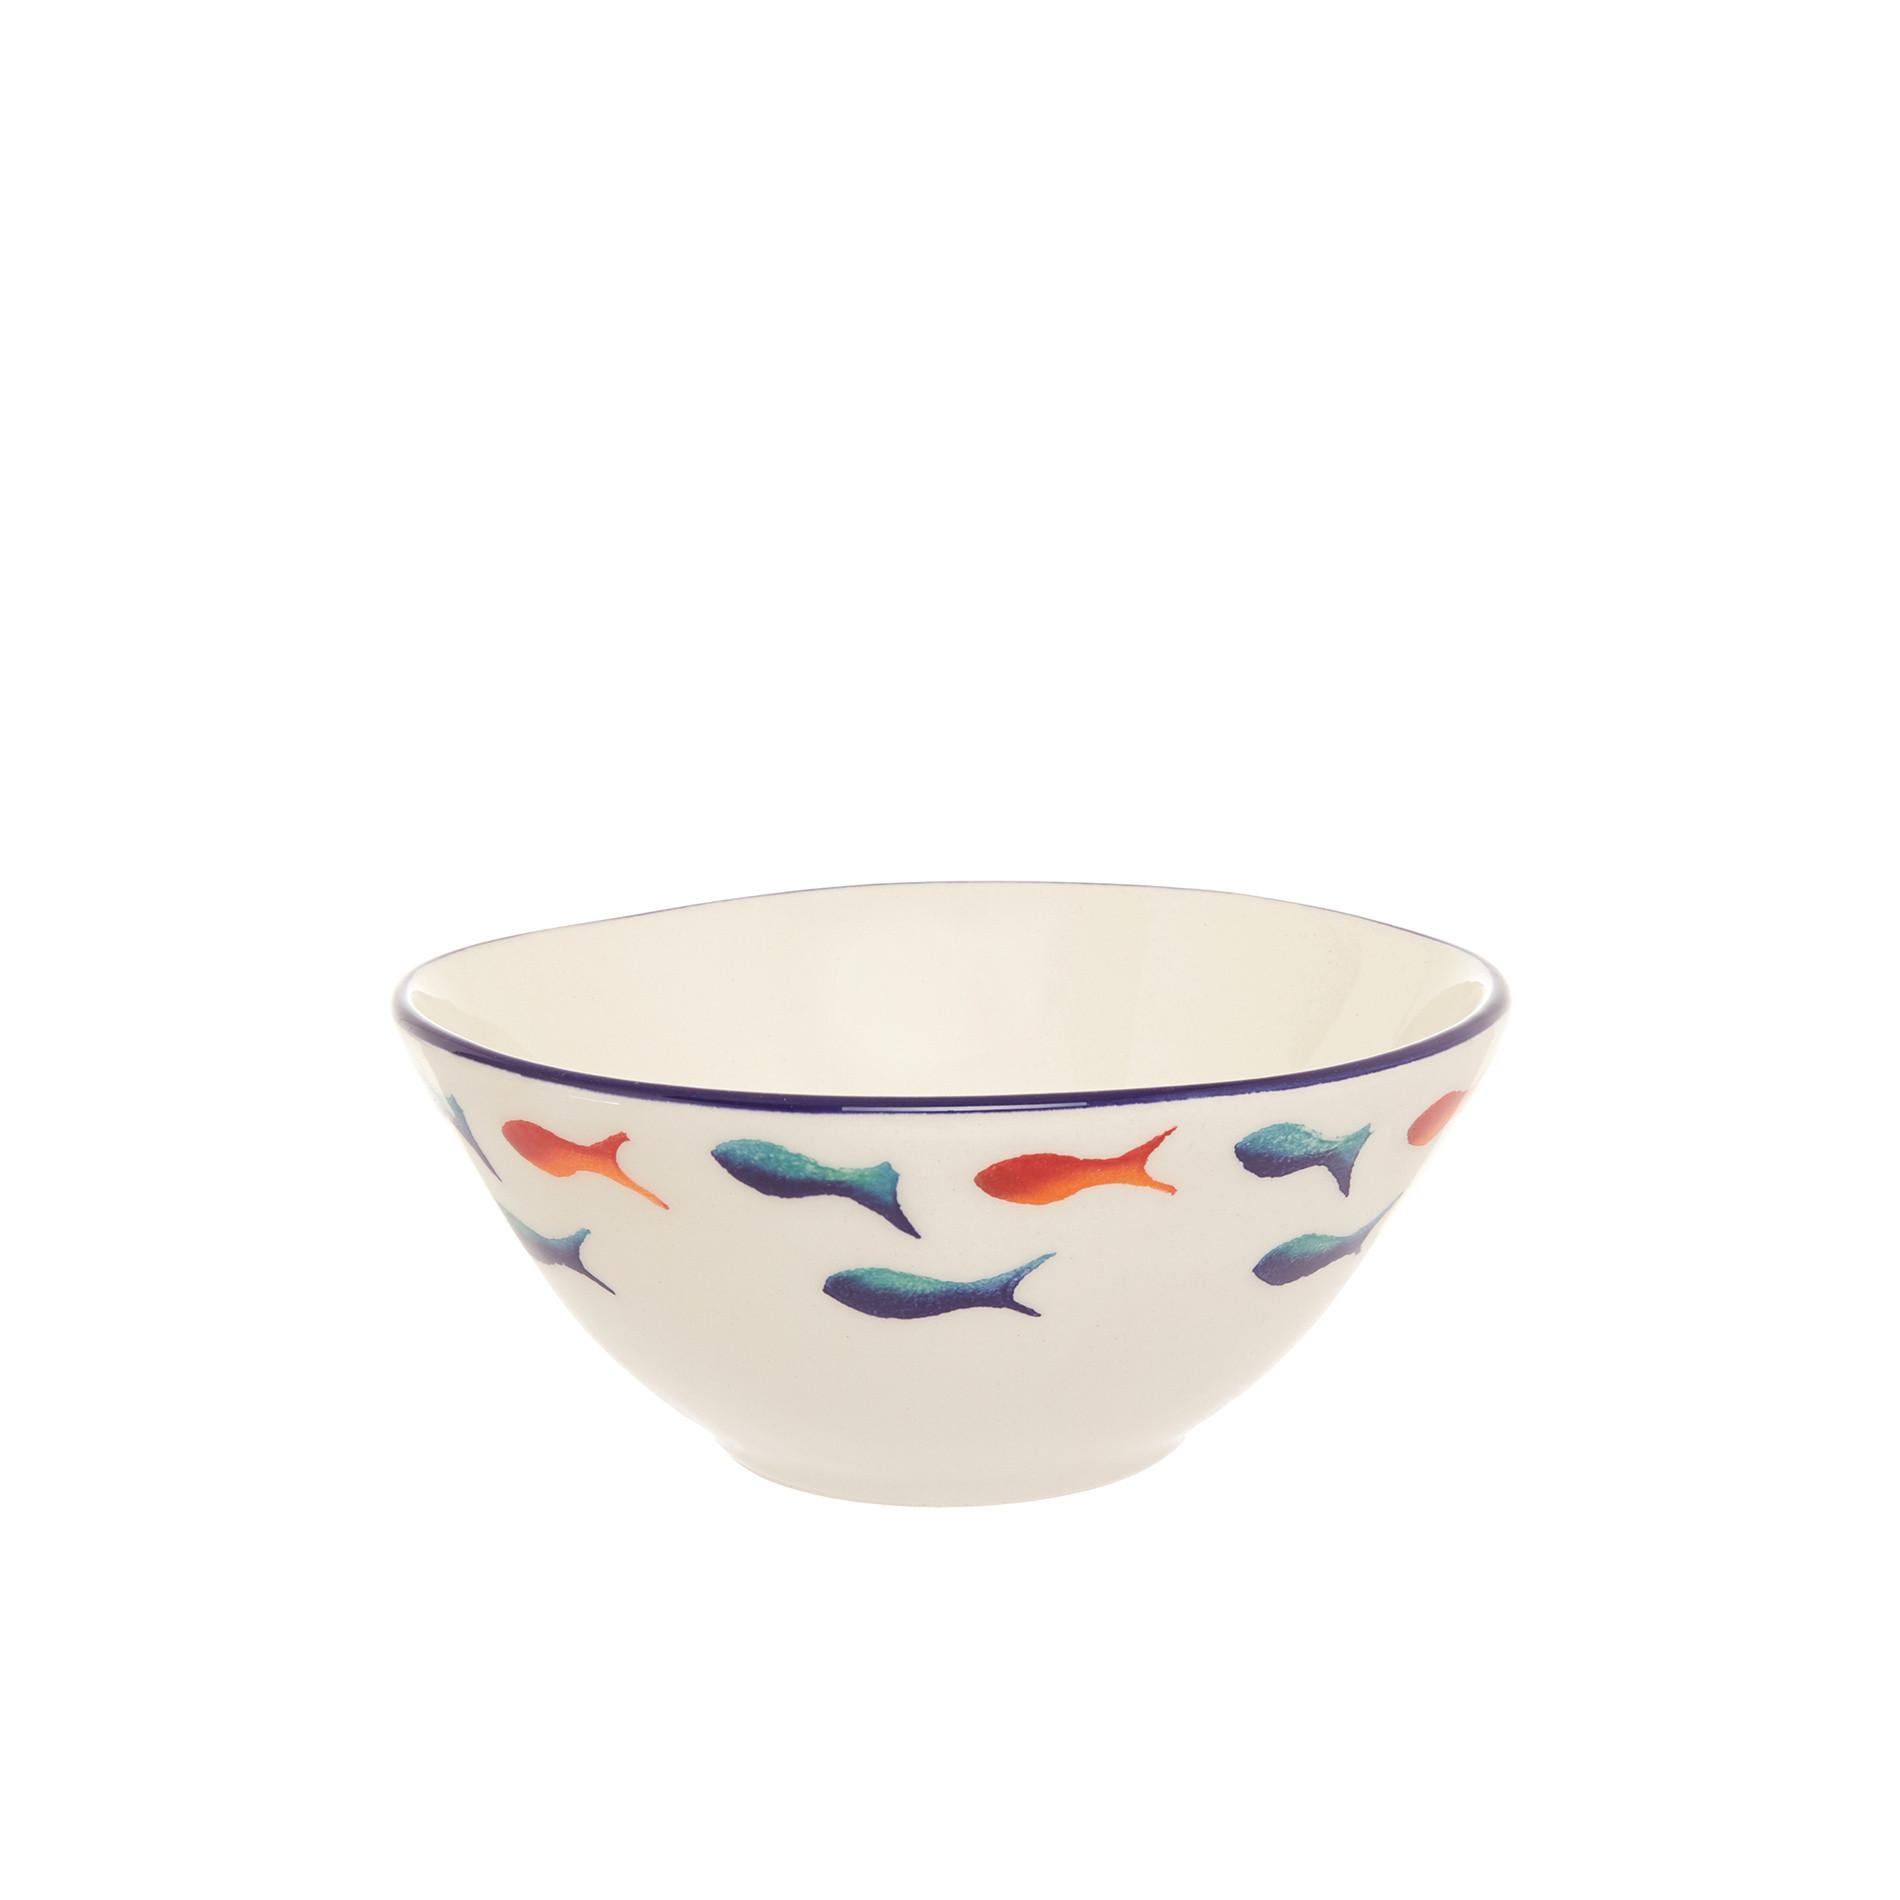 Coppetta ceramica decoro pesci, Bianco/Multicolor, large image number 0